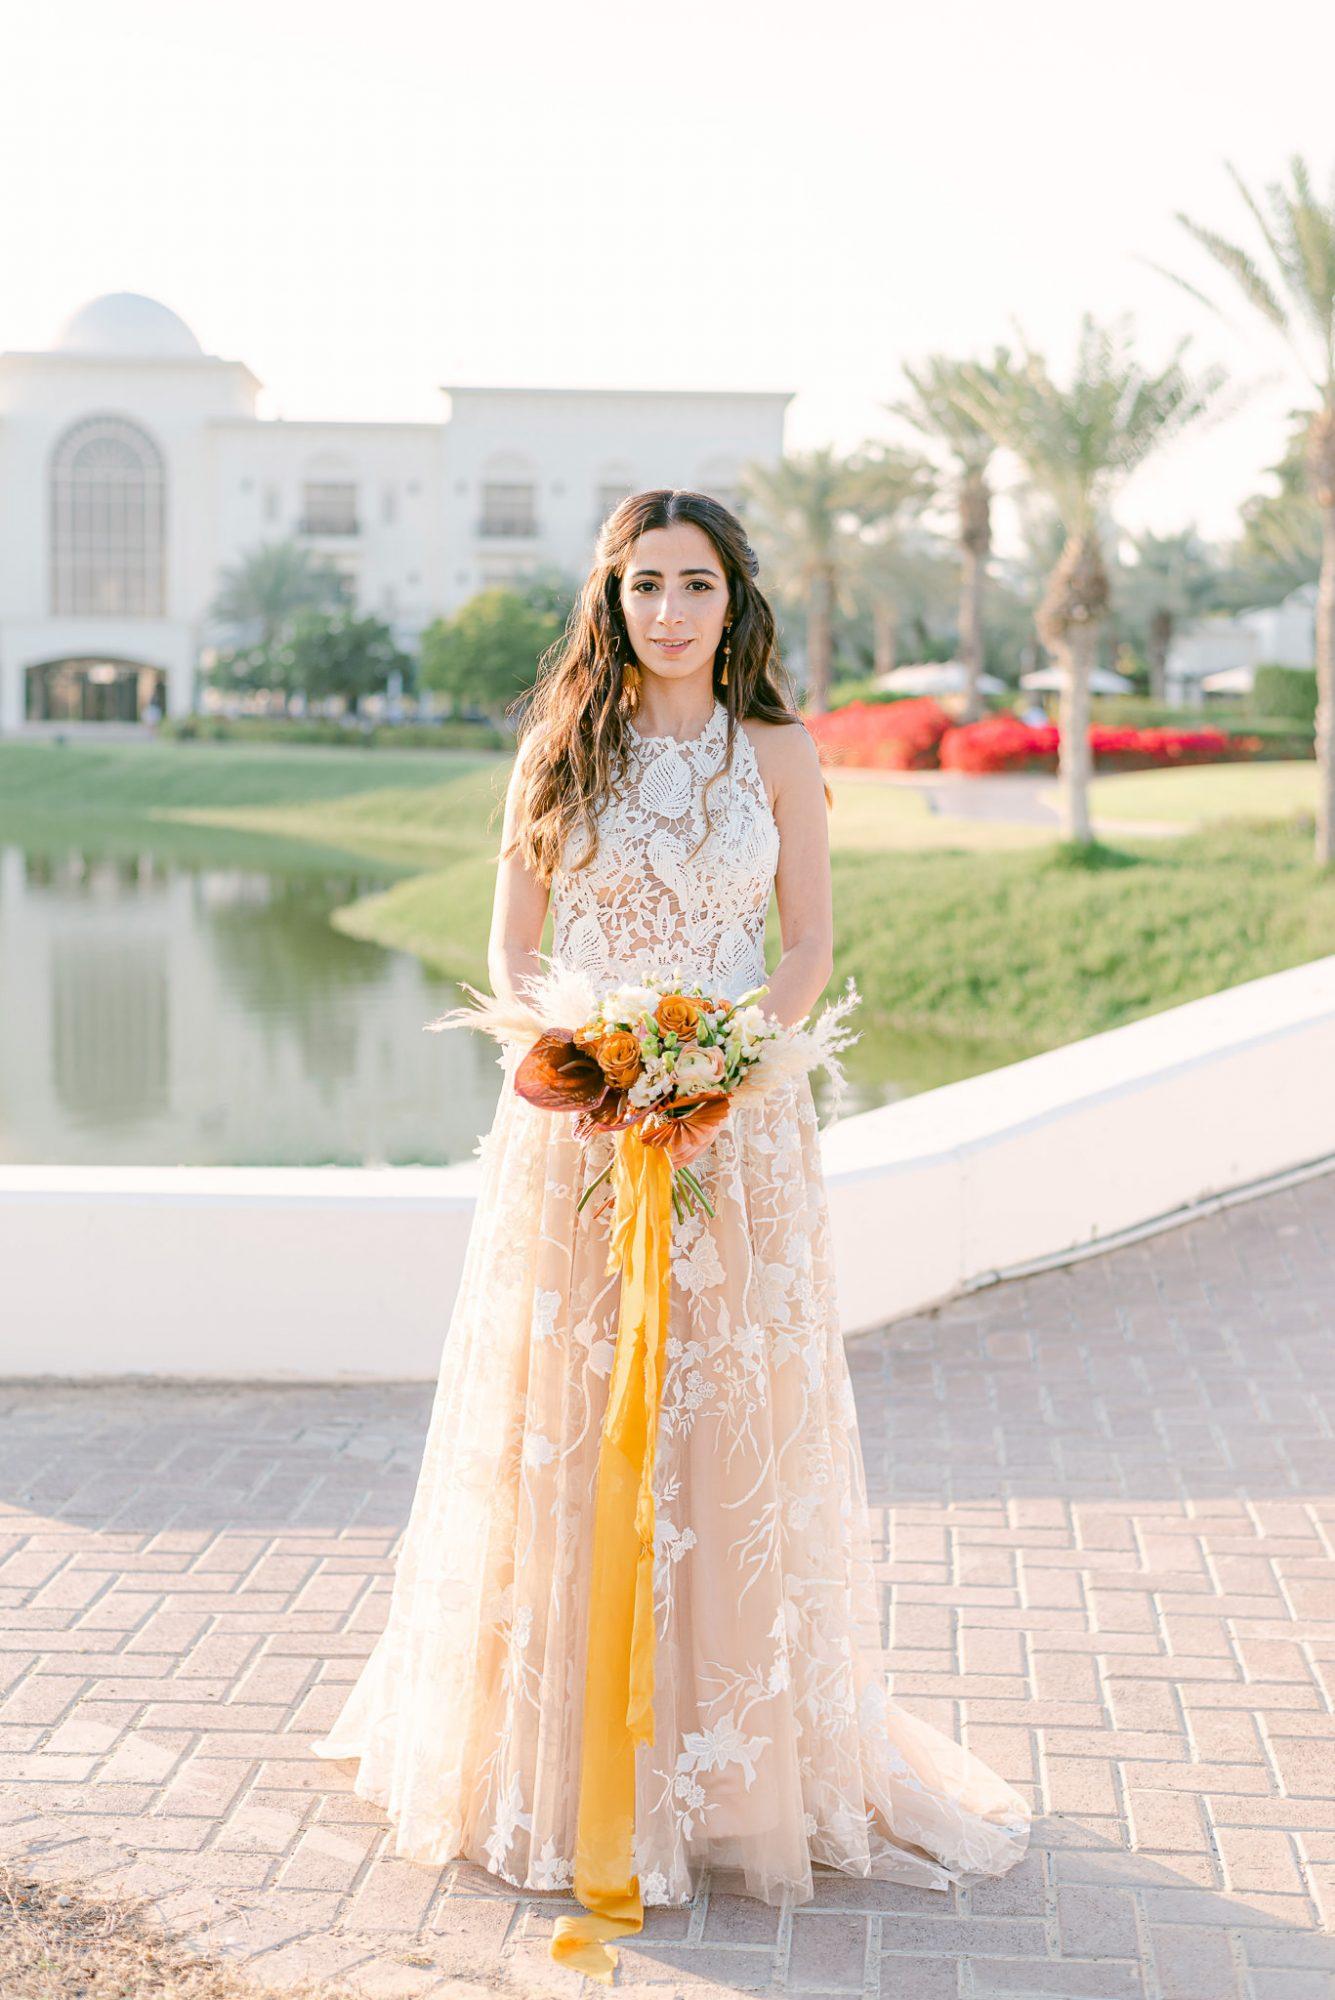 outdoor portrait bride holding bouquet